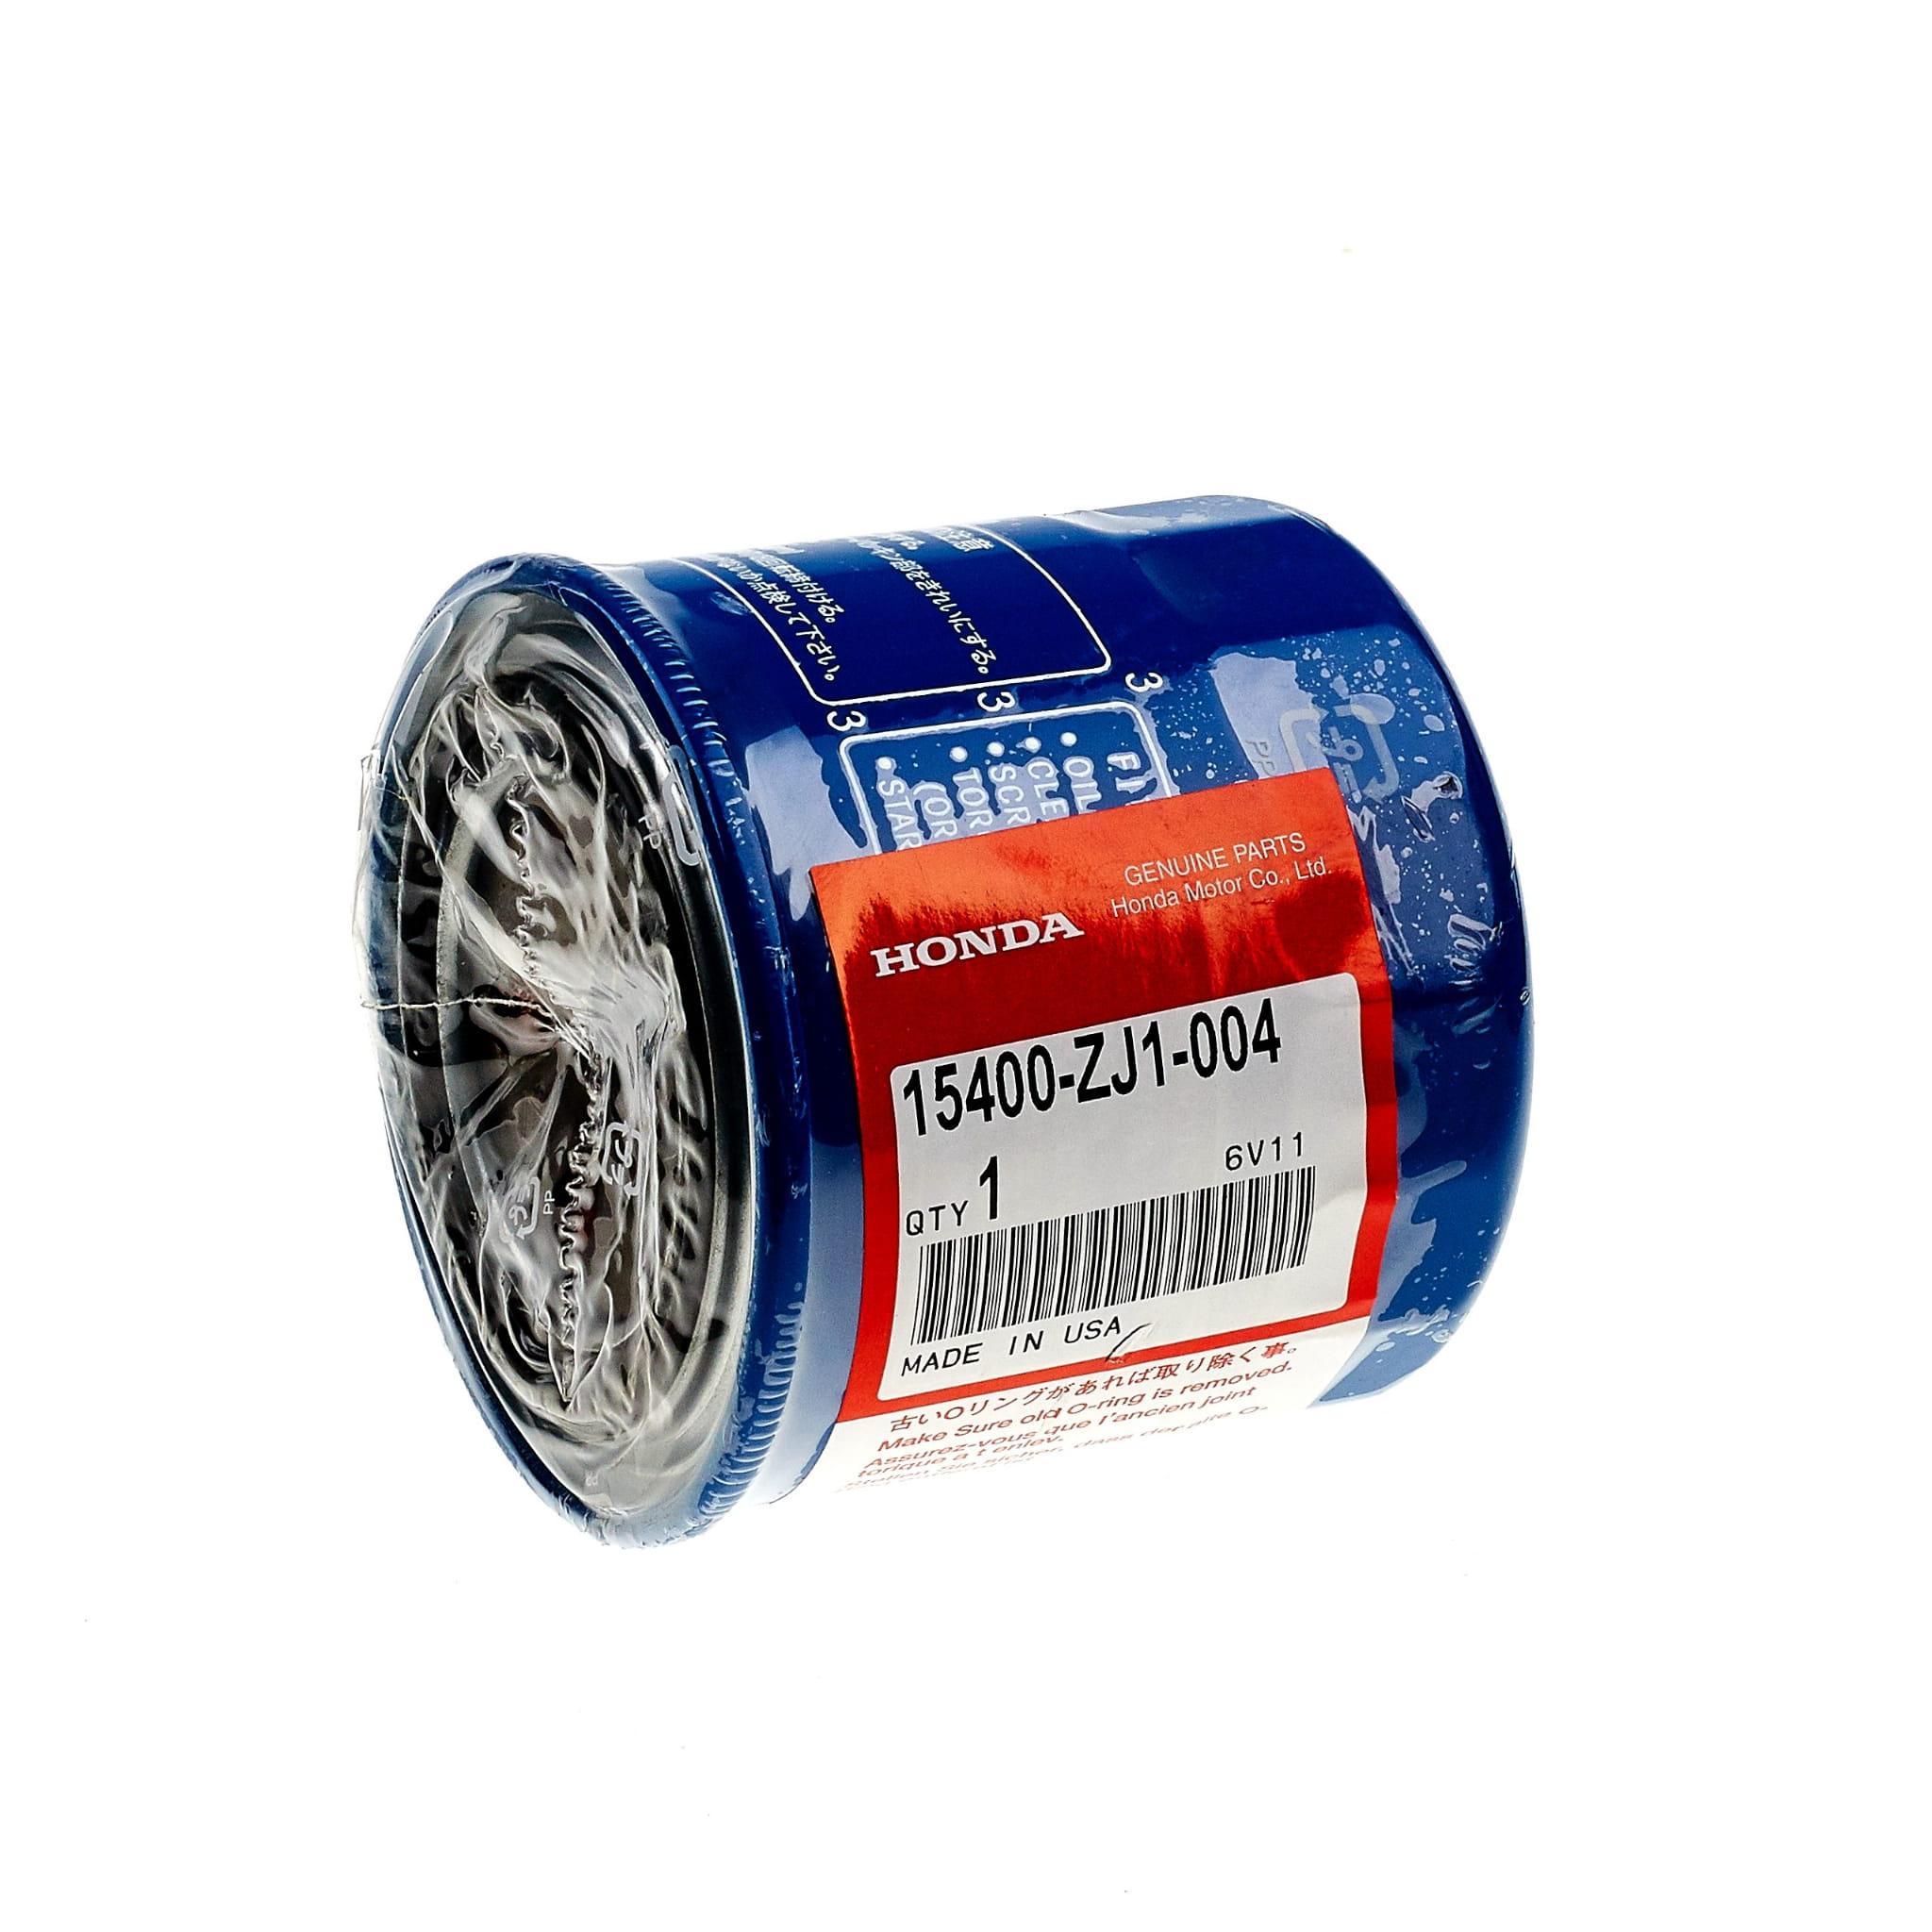 Genuine Honda 15400-P0H-305 Oil Filtech Filter